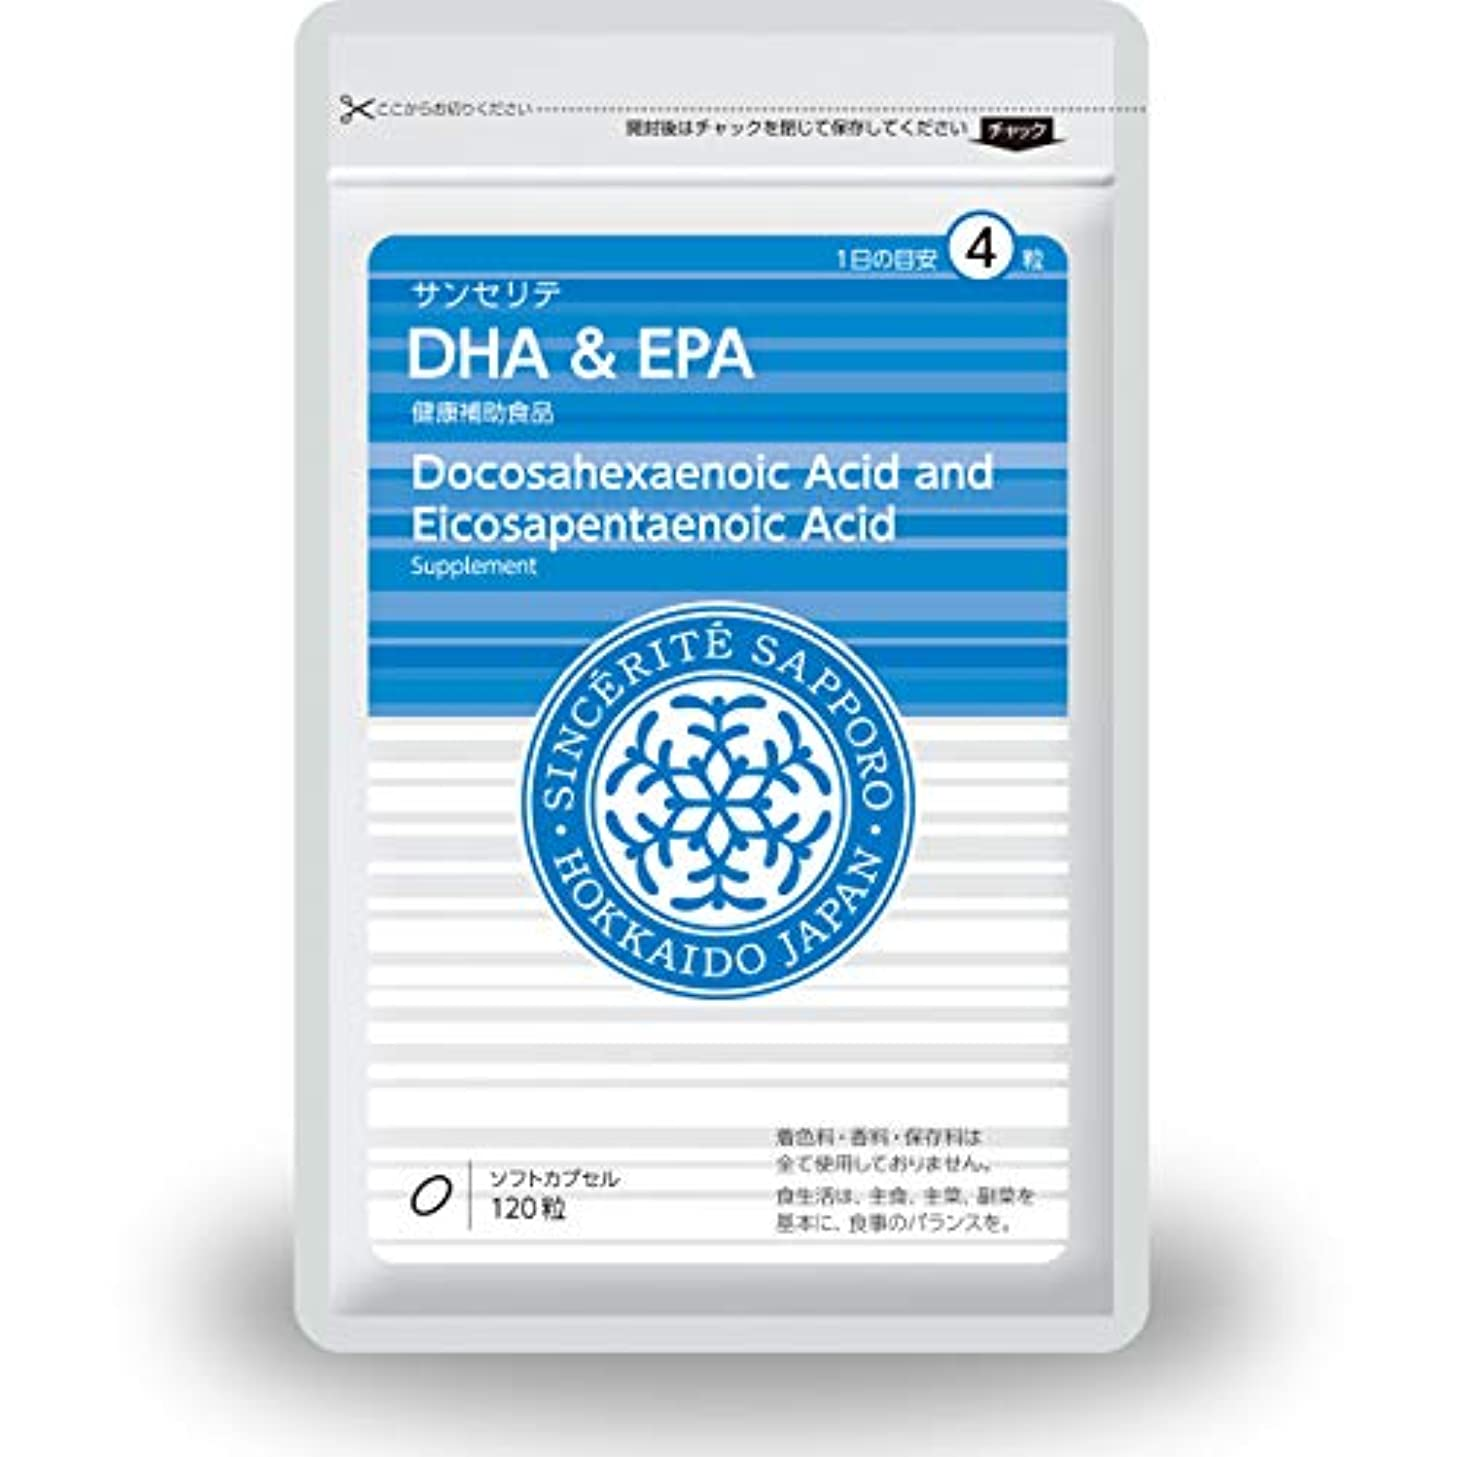 怖がらせる囲いタイムリーなDHA&EPA[送料無料][DHA]433mg配合[国内製造]しっかり★30日分